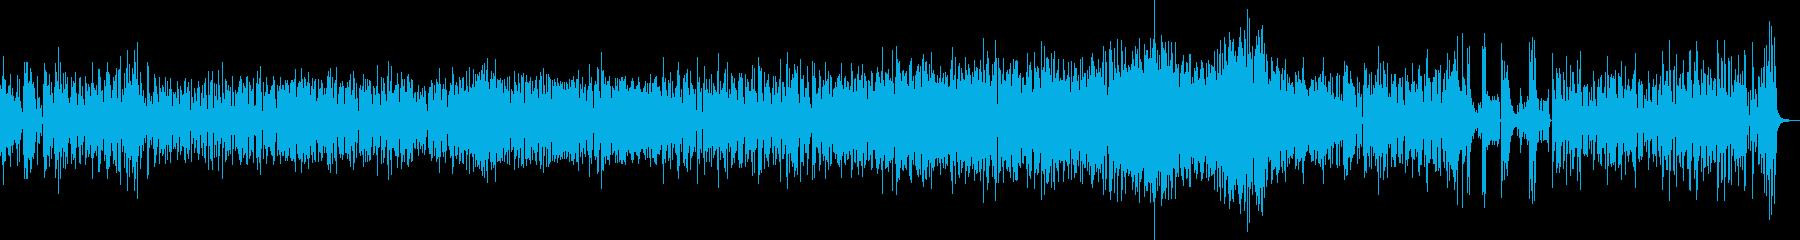 陽気で粋なラテンポップジャズの再生済みの波形